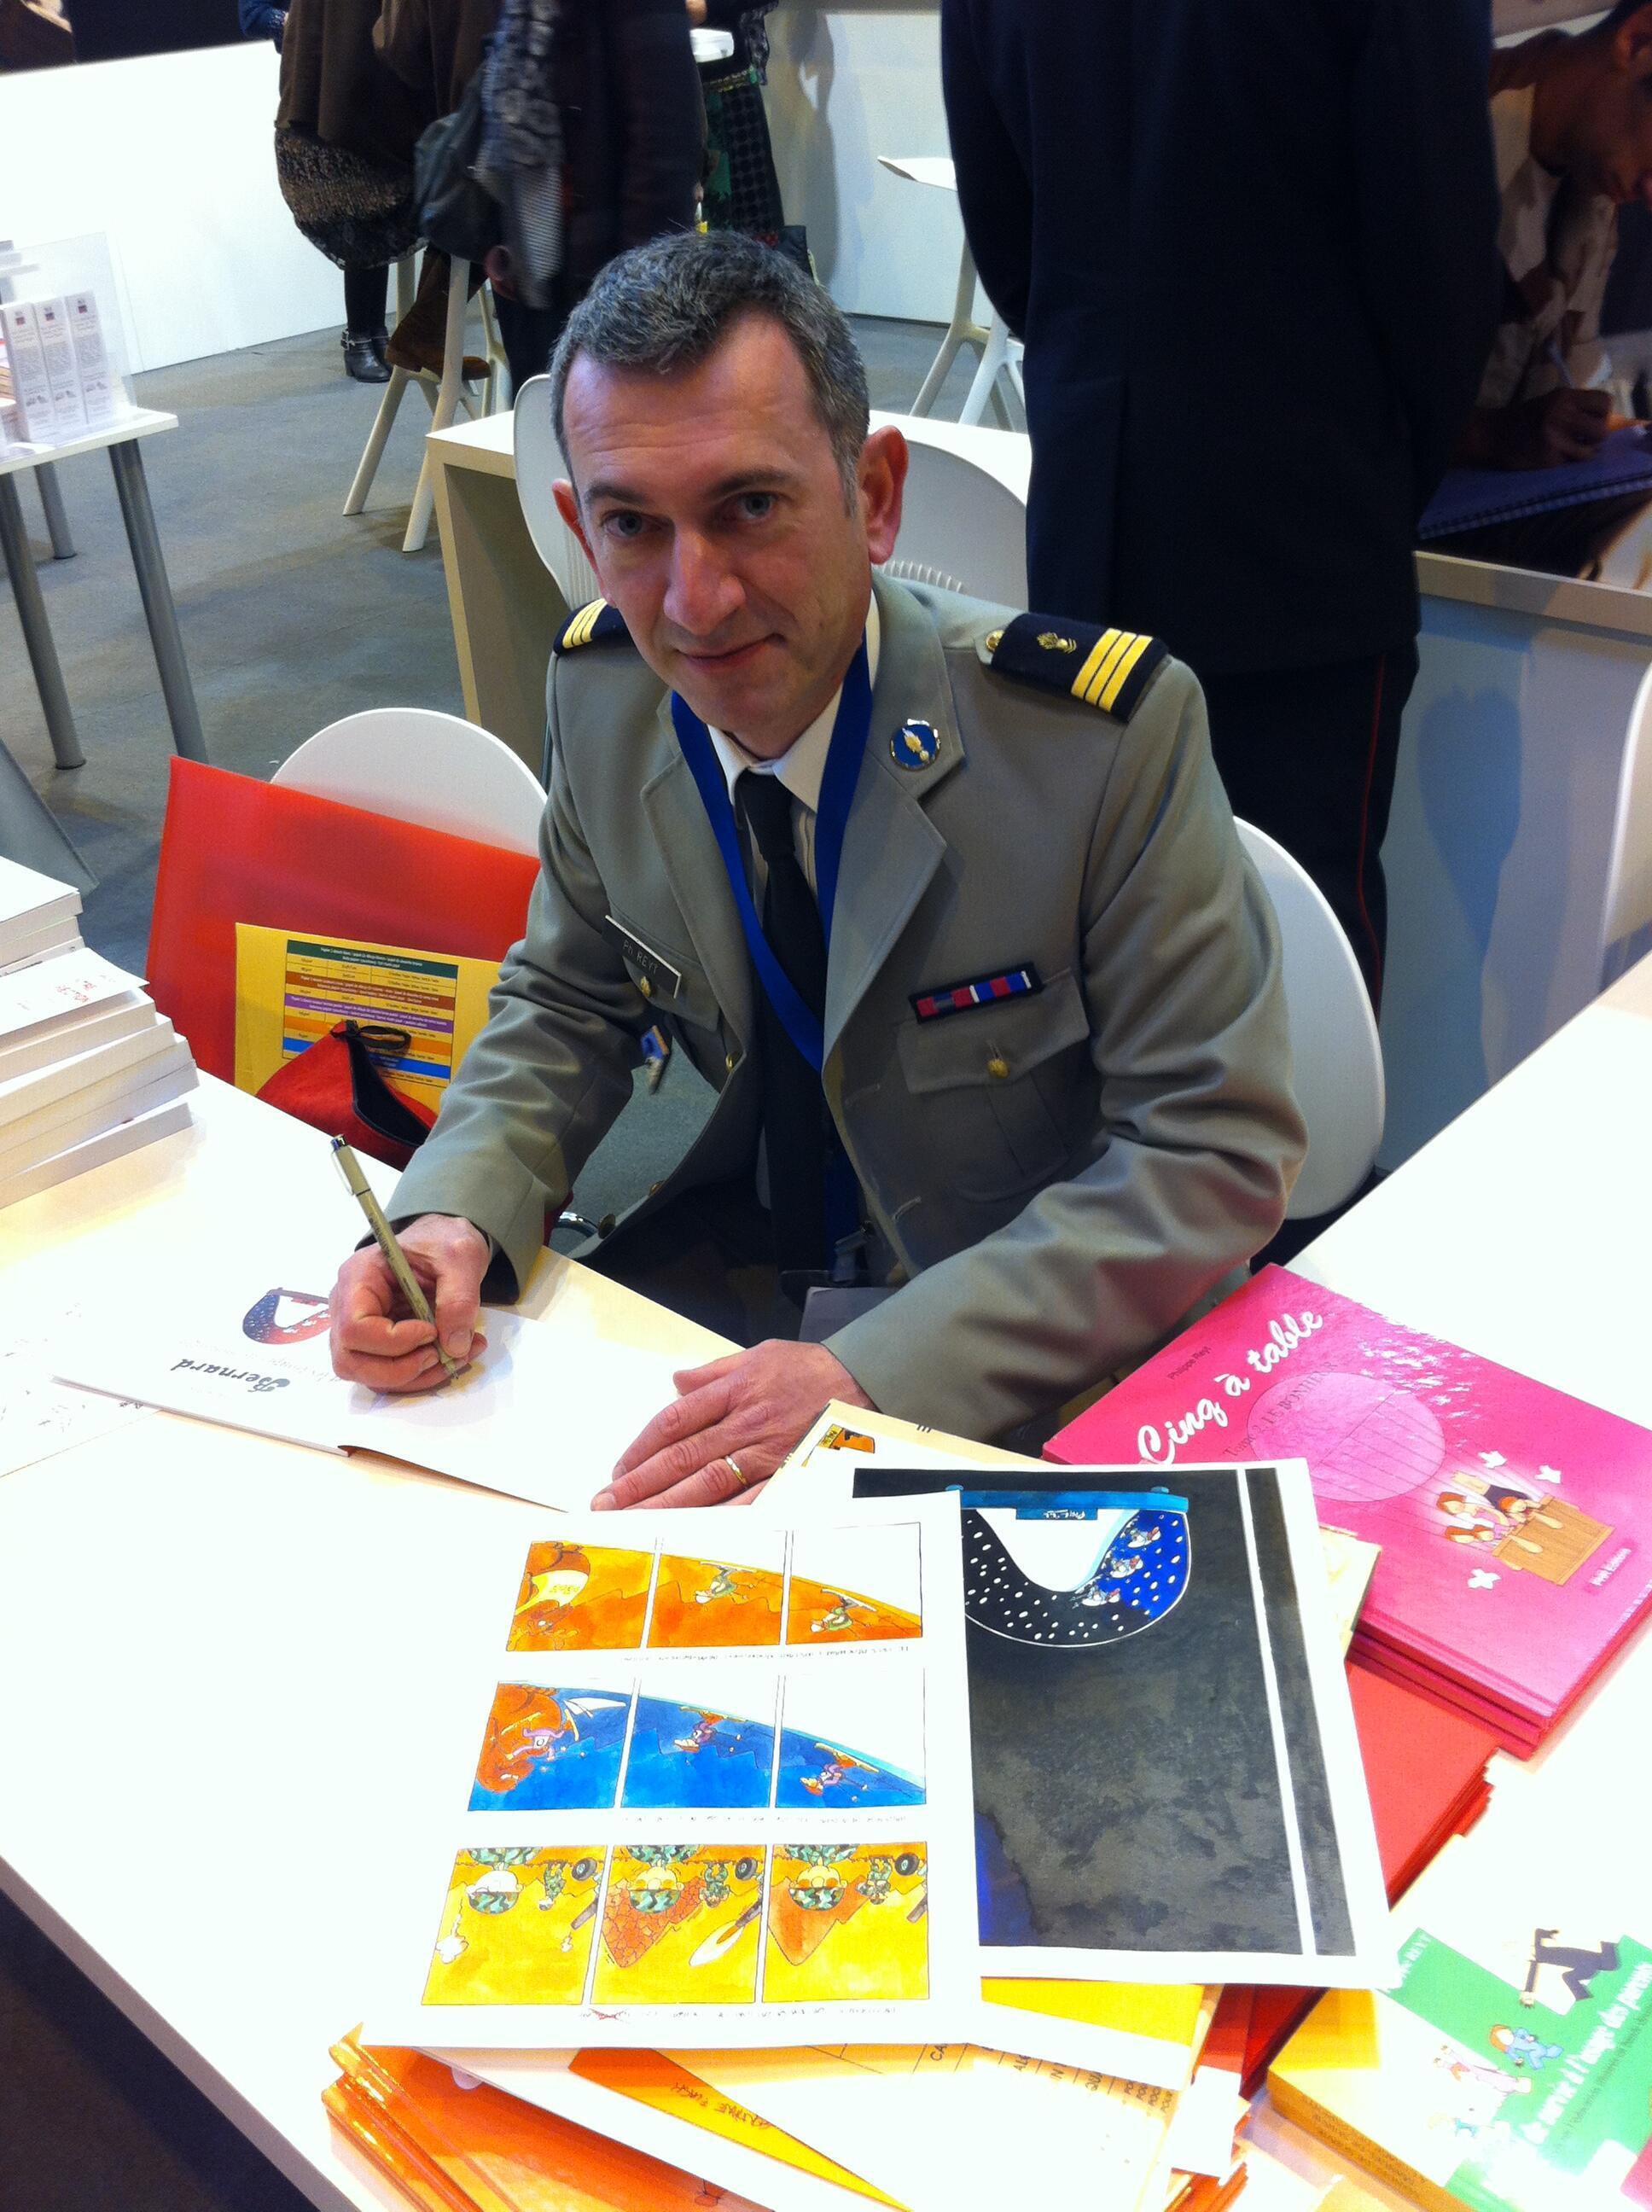 Le Capitaine Philippe Reyt, auteur de bande dessinée, au Salon du livre à Paris.